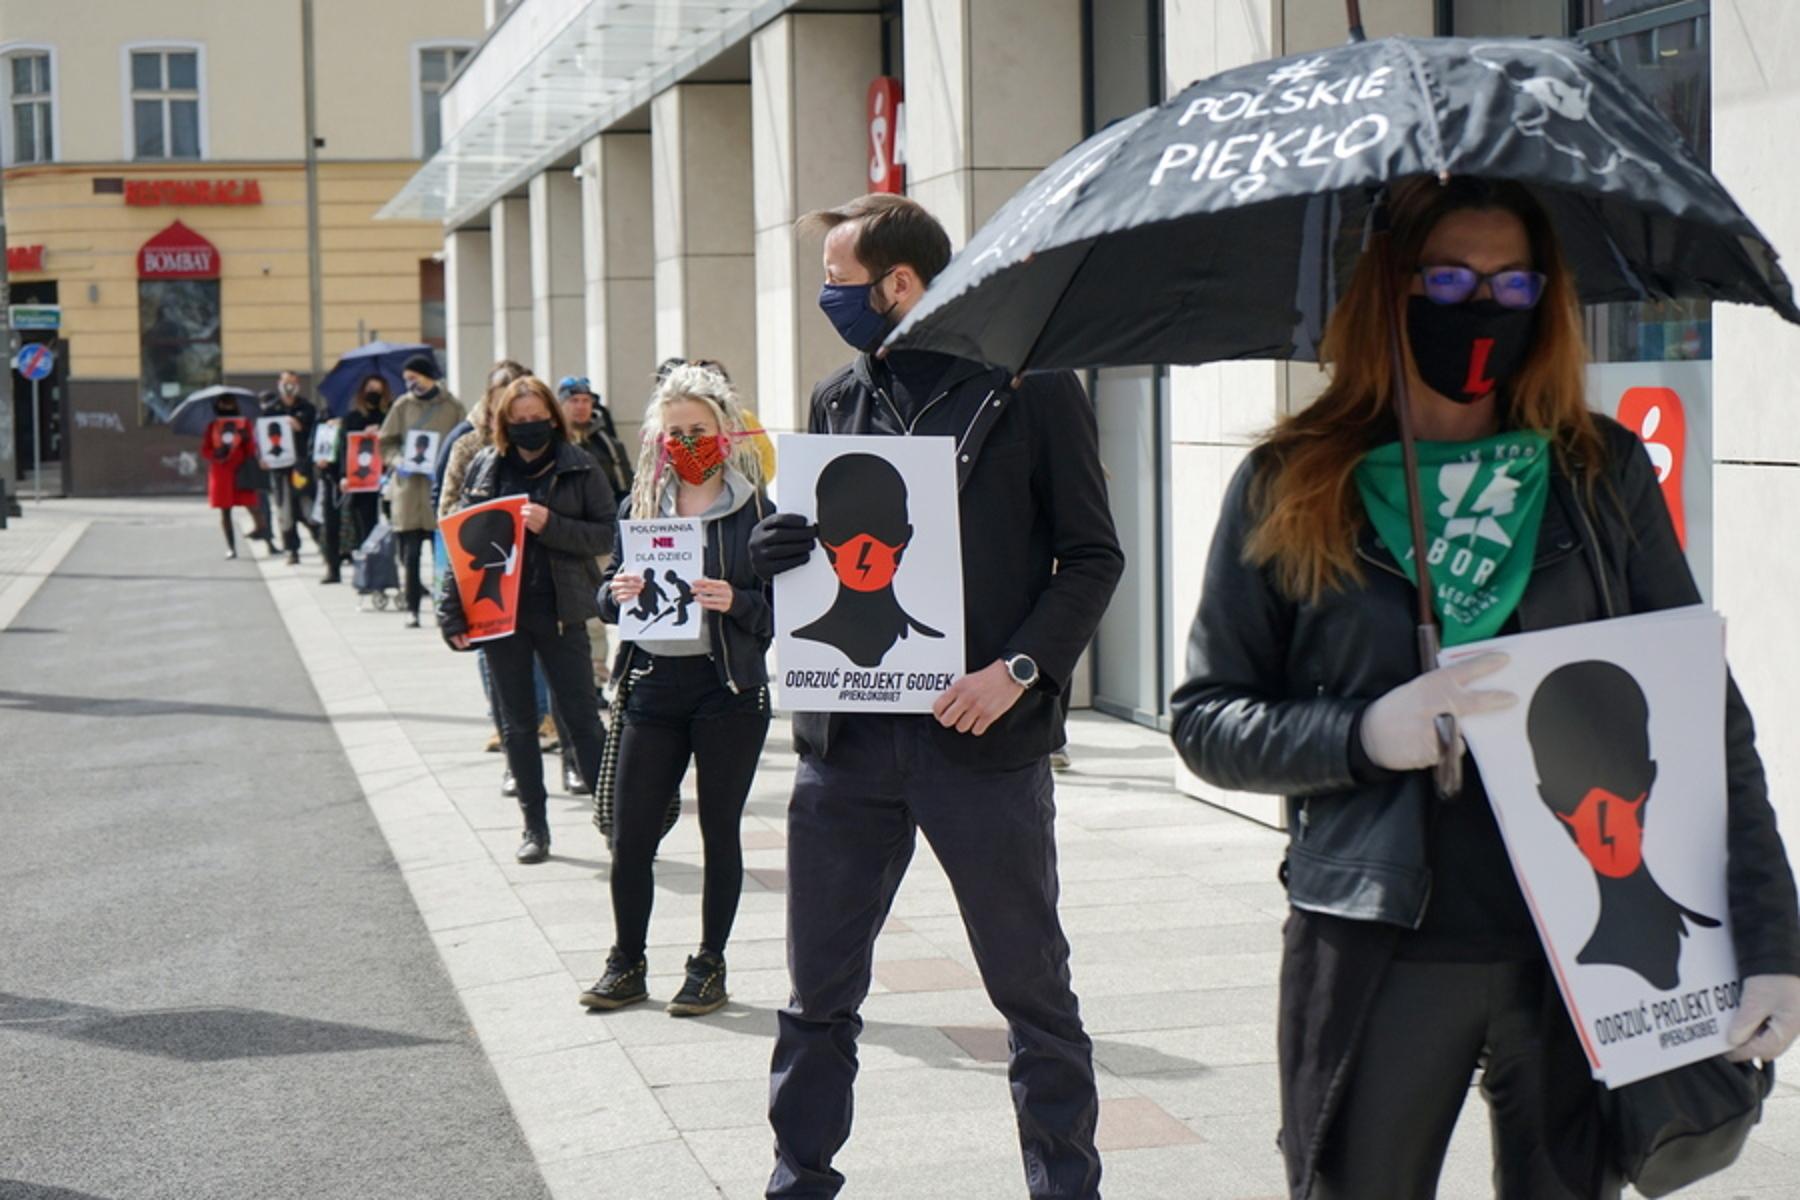 Στο εξωτερικό αναζητούν λύση οι Πολωνές μετά την απαγόρευση των αμβλώσεων